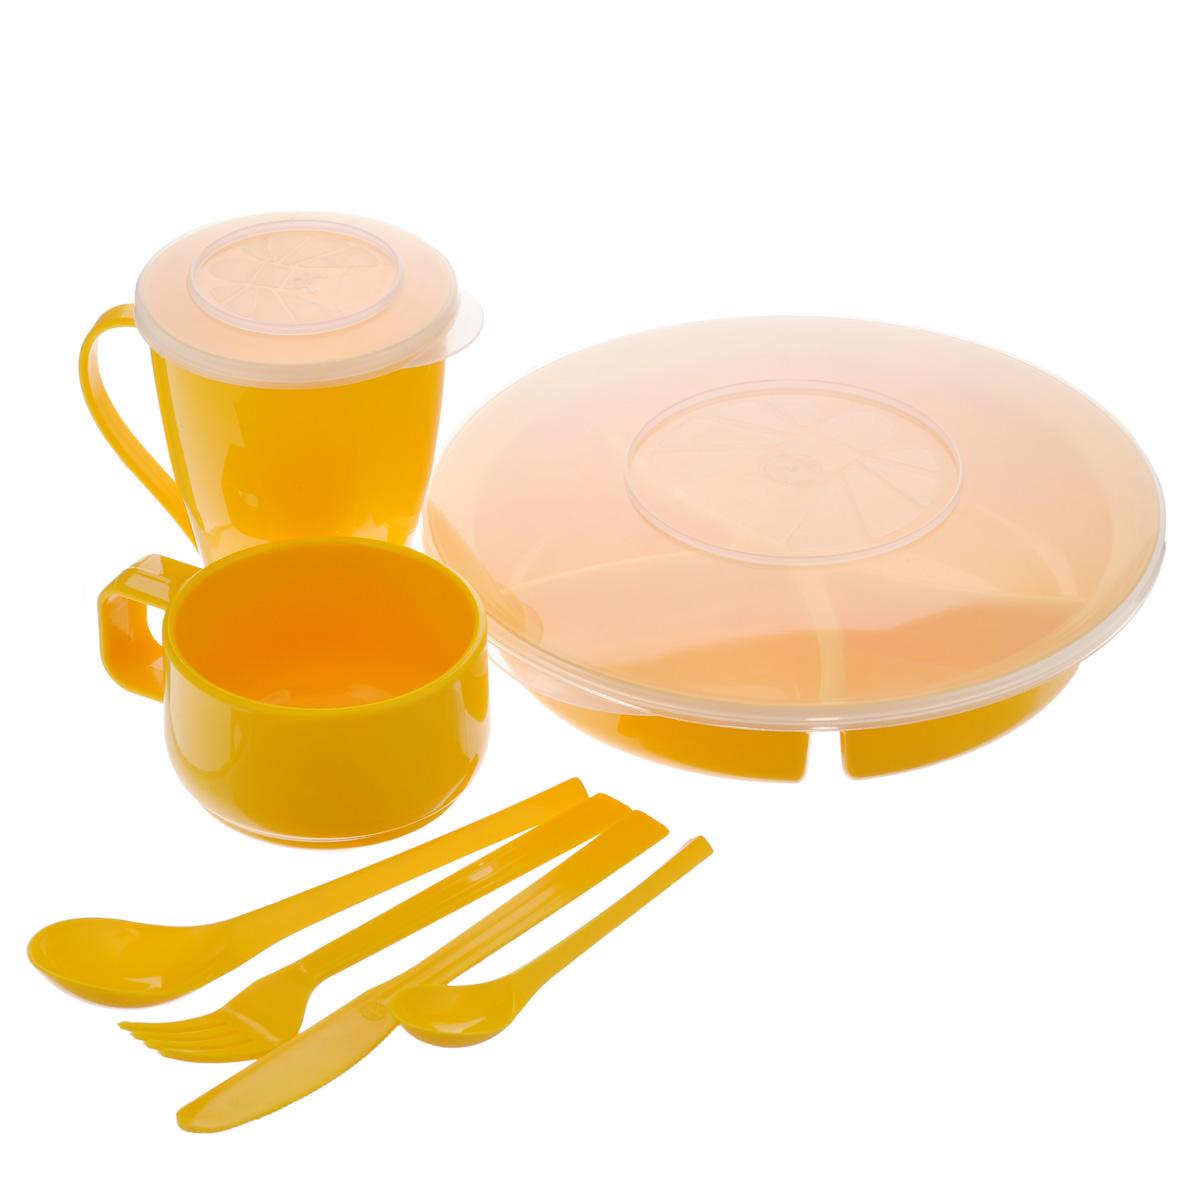 Набор посуды Solaris Вахтовый метод, цвет: желтый, на 1 персонуSPIRIT ED 8420Компактный набор посуды Solaris Вахтовый метод, выполненный из качественного полипропилена, в удобной виниловой сумке с ручкой и молнией.Свойства посуды:Посуда из ударопрочного пищевого полипропилена предназначена для многократного использования. Легкая, прочная и износостойкая, экологически чистая, эта посуда работает в диапазоне температур от -25°С до +110°С. Можно мыть в посудомоечной машине. Эта посуда также обеспечивает:Хранение горячих и холодных пищевых продуктов;Разогрев продуктов в микроволновой печи;Приготовление пищи в микроволновой печи на пару (пароварка);Хранение продуктов в холодильной и морозильной камере;Кипячение воды с помощью электрокипятильника.Состав набора:Менажница с герметичной крышкой;Чашка для супа с герметичной крышкой, объем 0,5 л;Чашка объемом 0,28 л;Вилка;Ложка столовая;Нож;Ложка чайная.Диаметр менажницы: 22,5 см.Высота менажницы: 5 см.Диаметр чашки для супа по верхнему краю: 9,2 см.Диаметр дна чашки для супа: 5,7 см.Высота чашки для супа: 12,5 см.Диаметр чашки по верхнему краю: 9,3 см.Диаметр дна чашки: 6 см.Высота чашки: 6,5 см.Длина ложки: 19 см.Длина вилки: 19 см.Длина ножа: 19 см.Длина чайной ложки: 13,5 см.